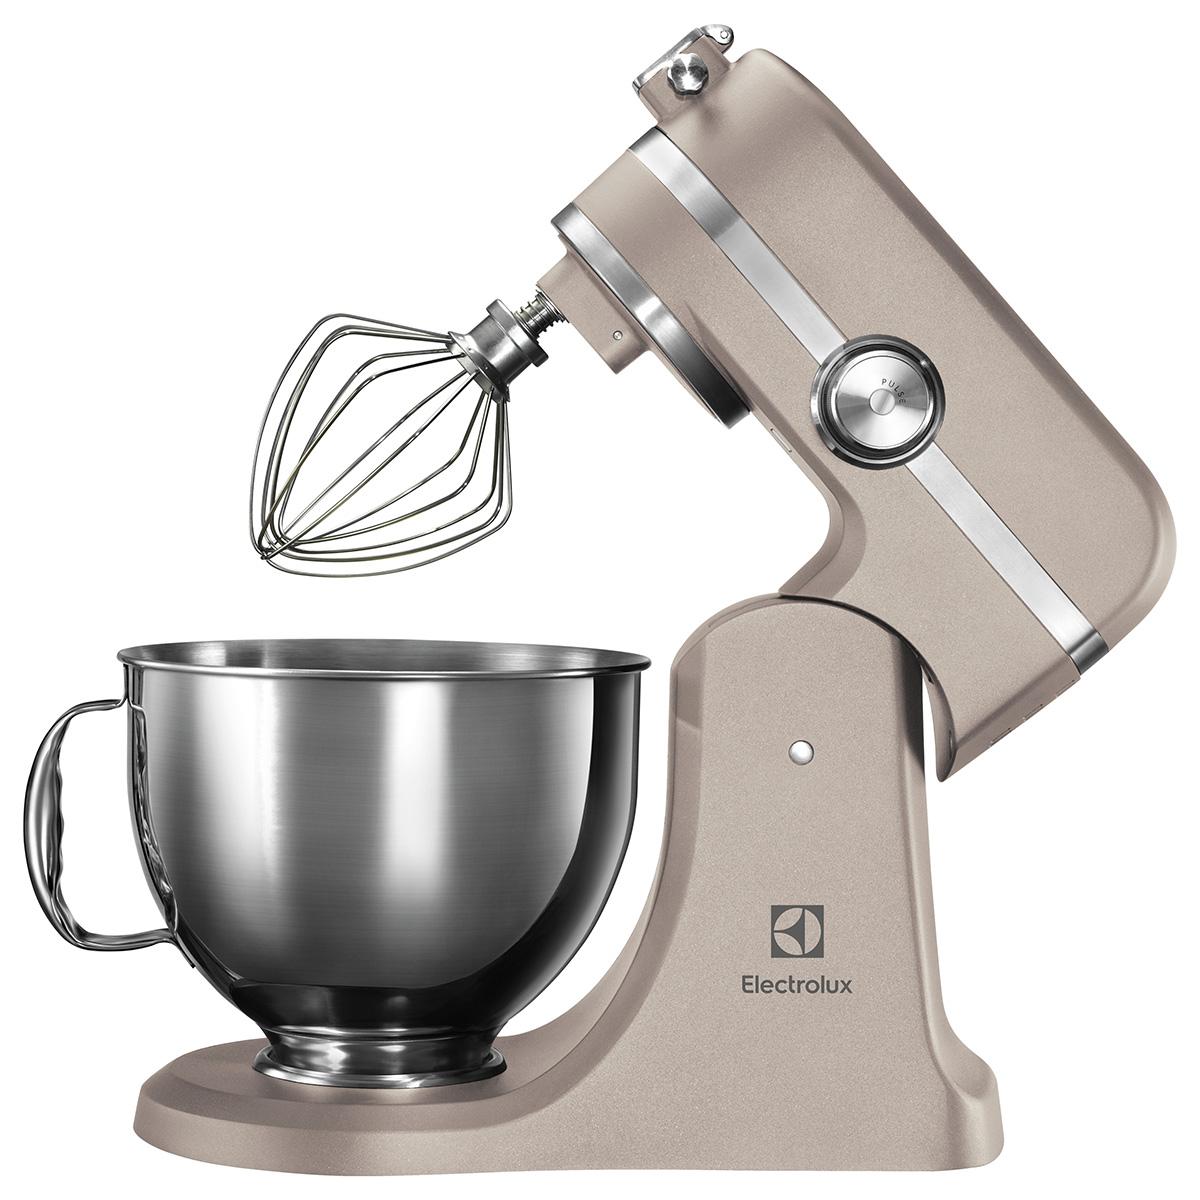 Image of   Electrolux køkkenmaskine - Assistent - Soft Sand